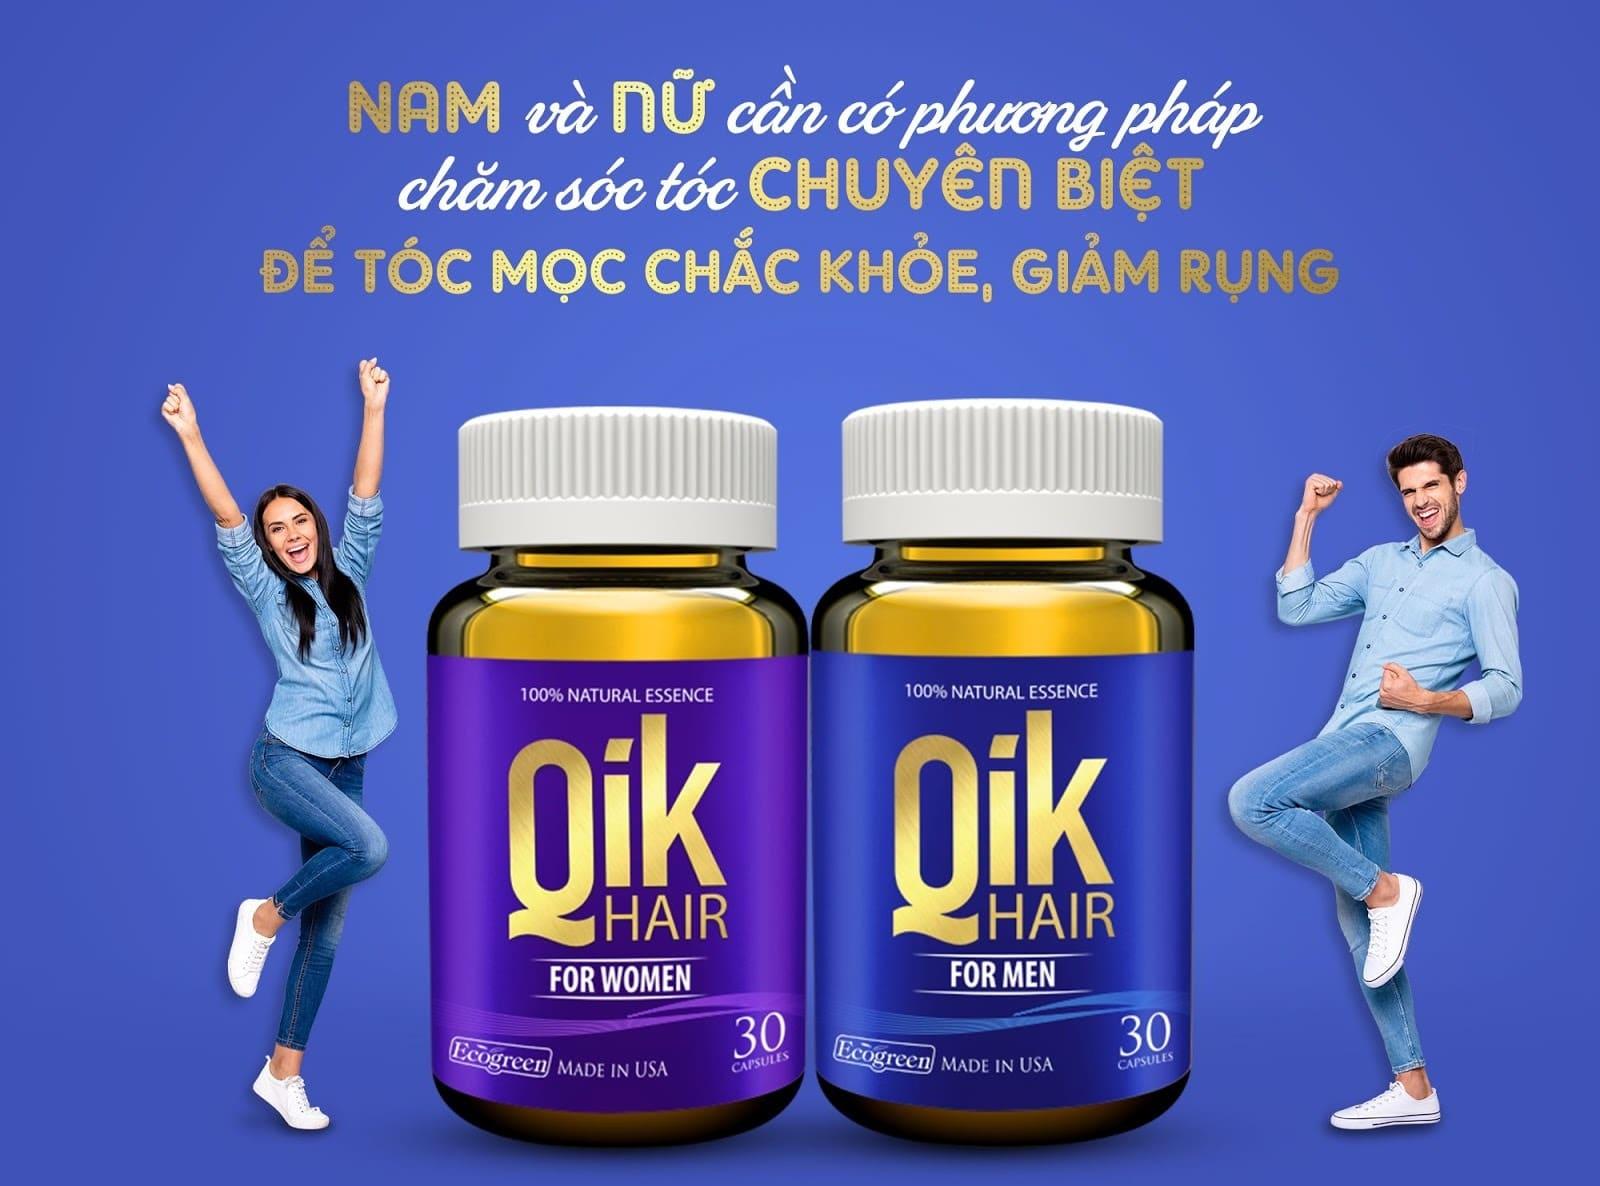 qik hair for men qik hair for women